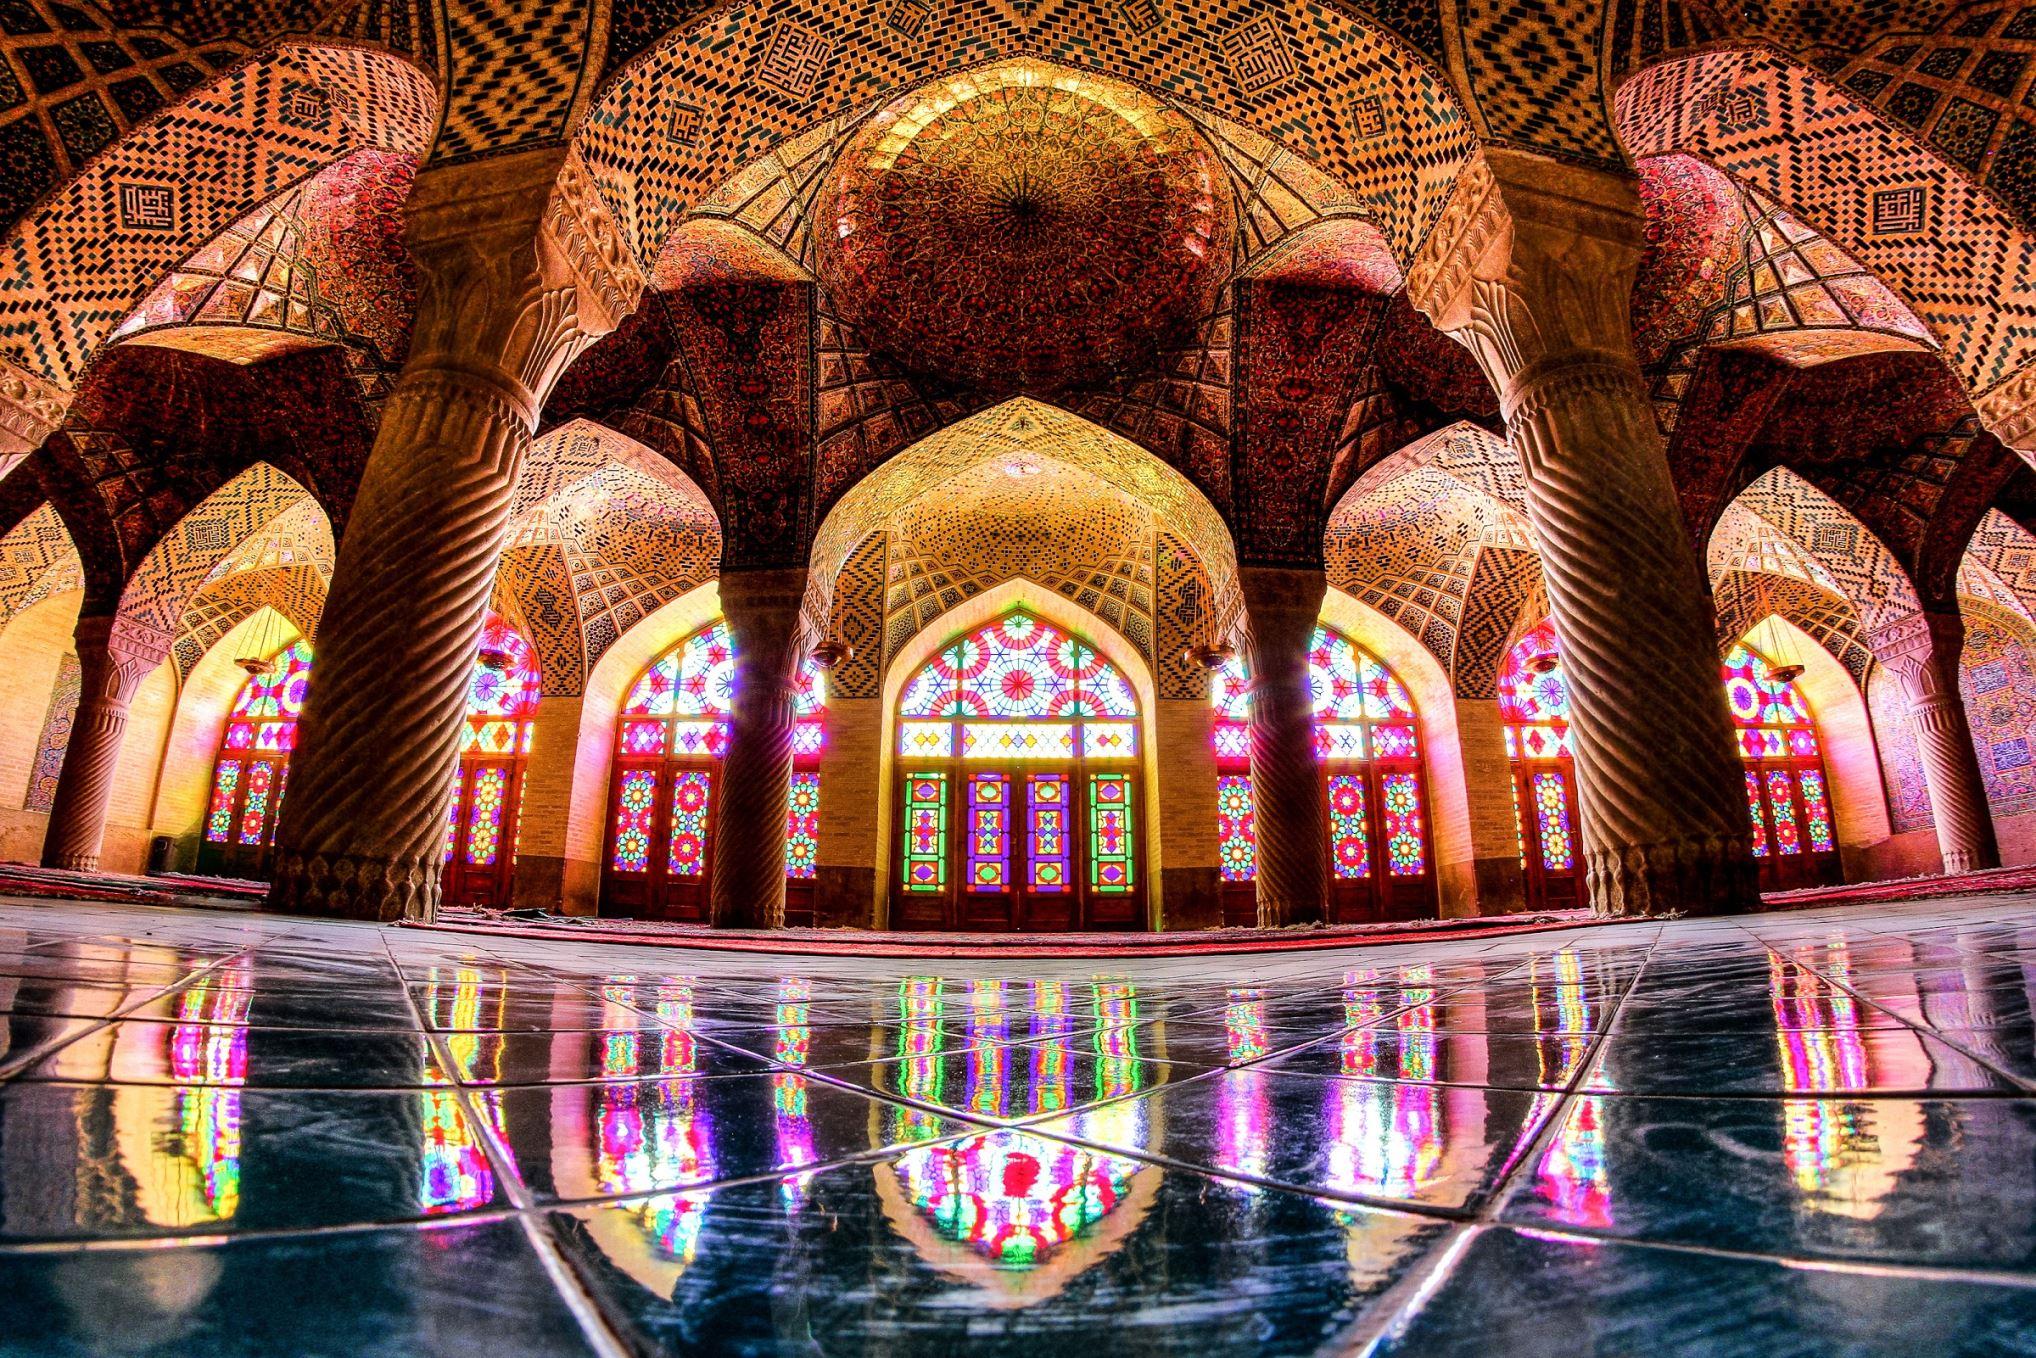 Дворец роз, башни молчания, зеркальная мечеть: все чудеса Ирана